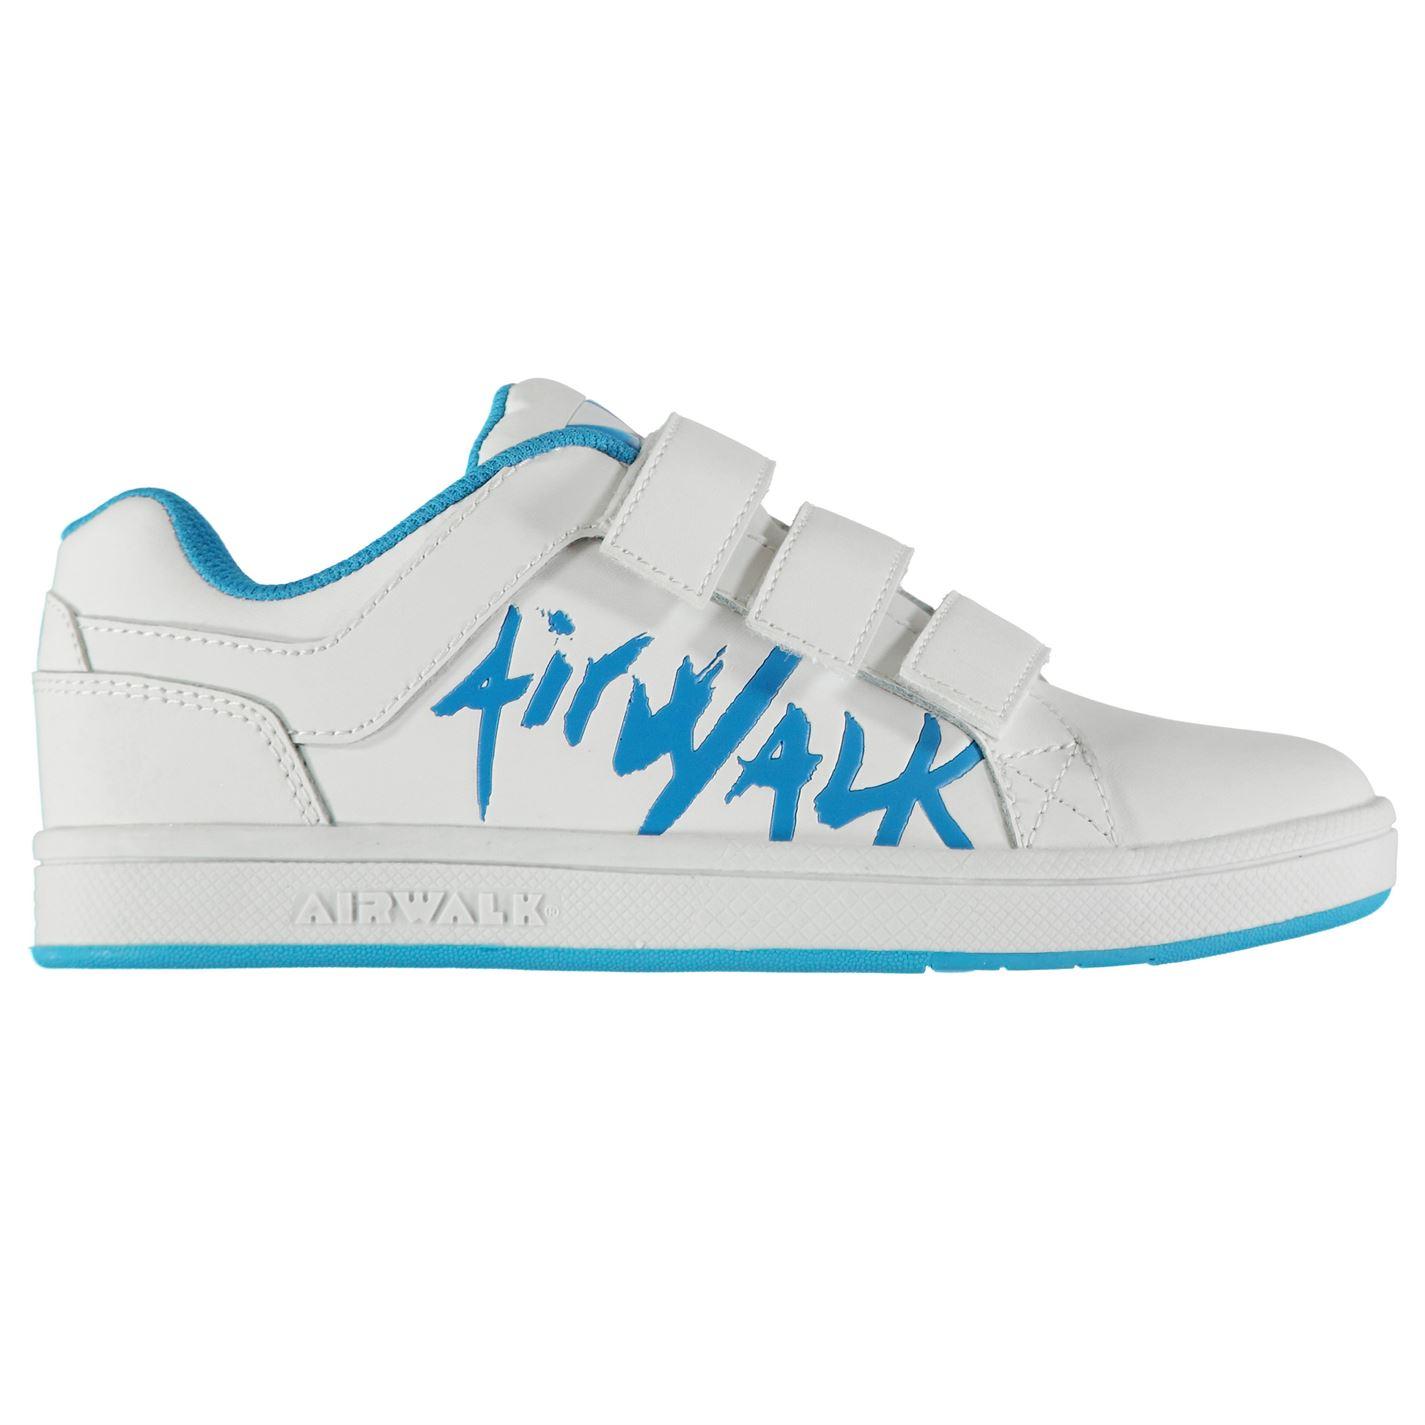 ... Neptune Child Boys Skate Shoes. -13%. Airwalk ... 70beed1e6d